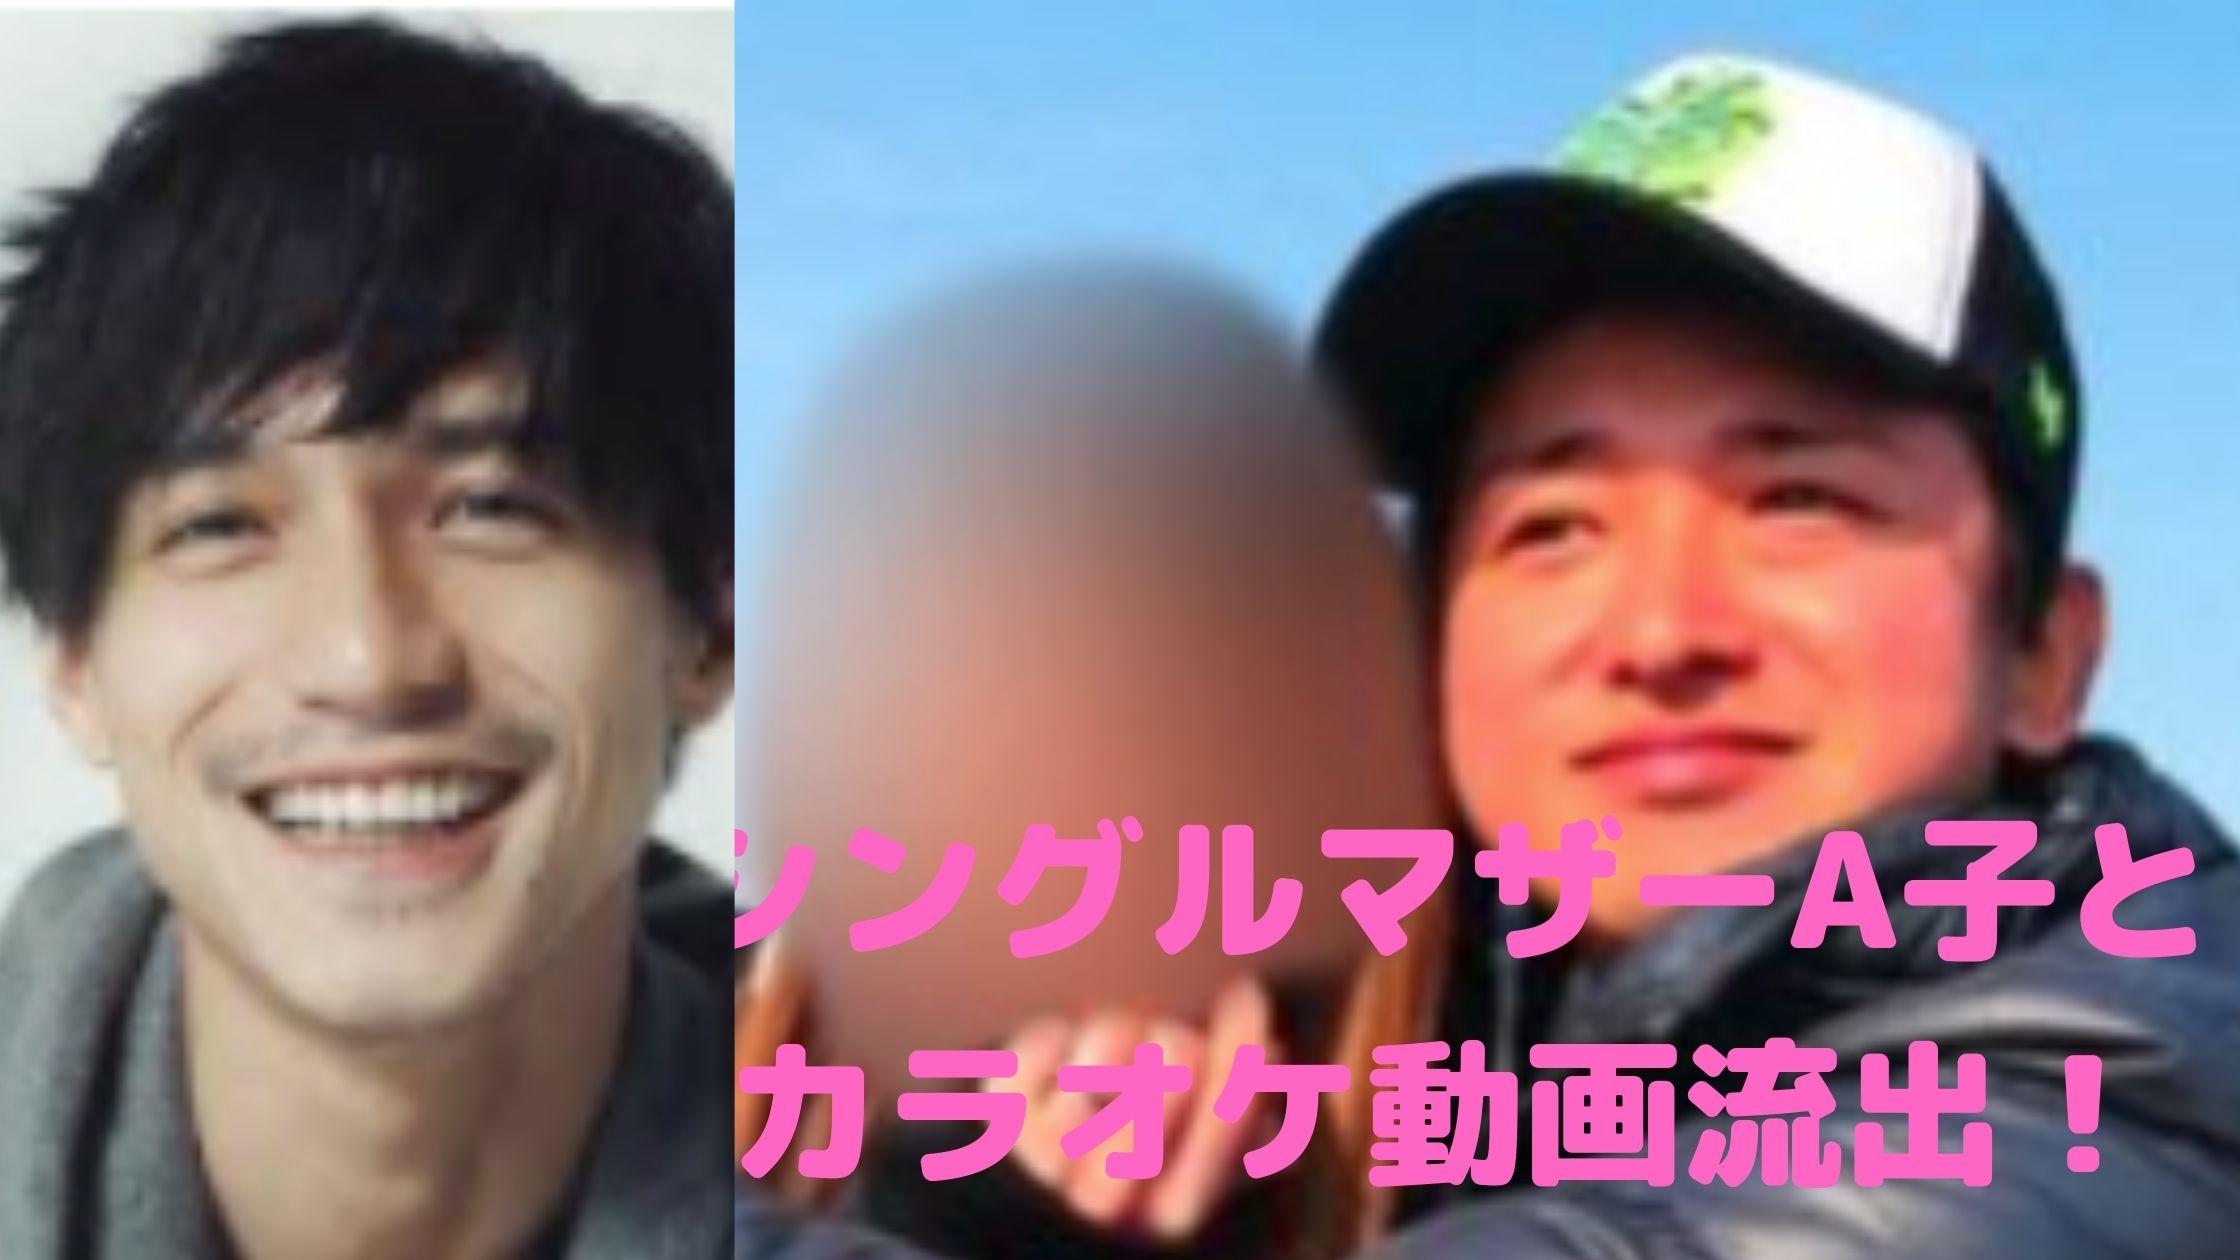 大野智 シングルマザーA子 錦戸亮 カラオケ動画